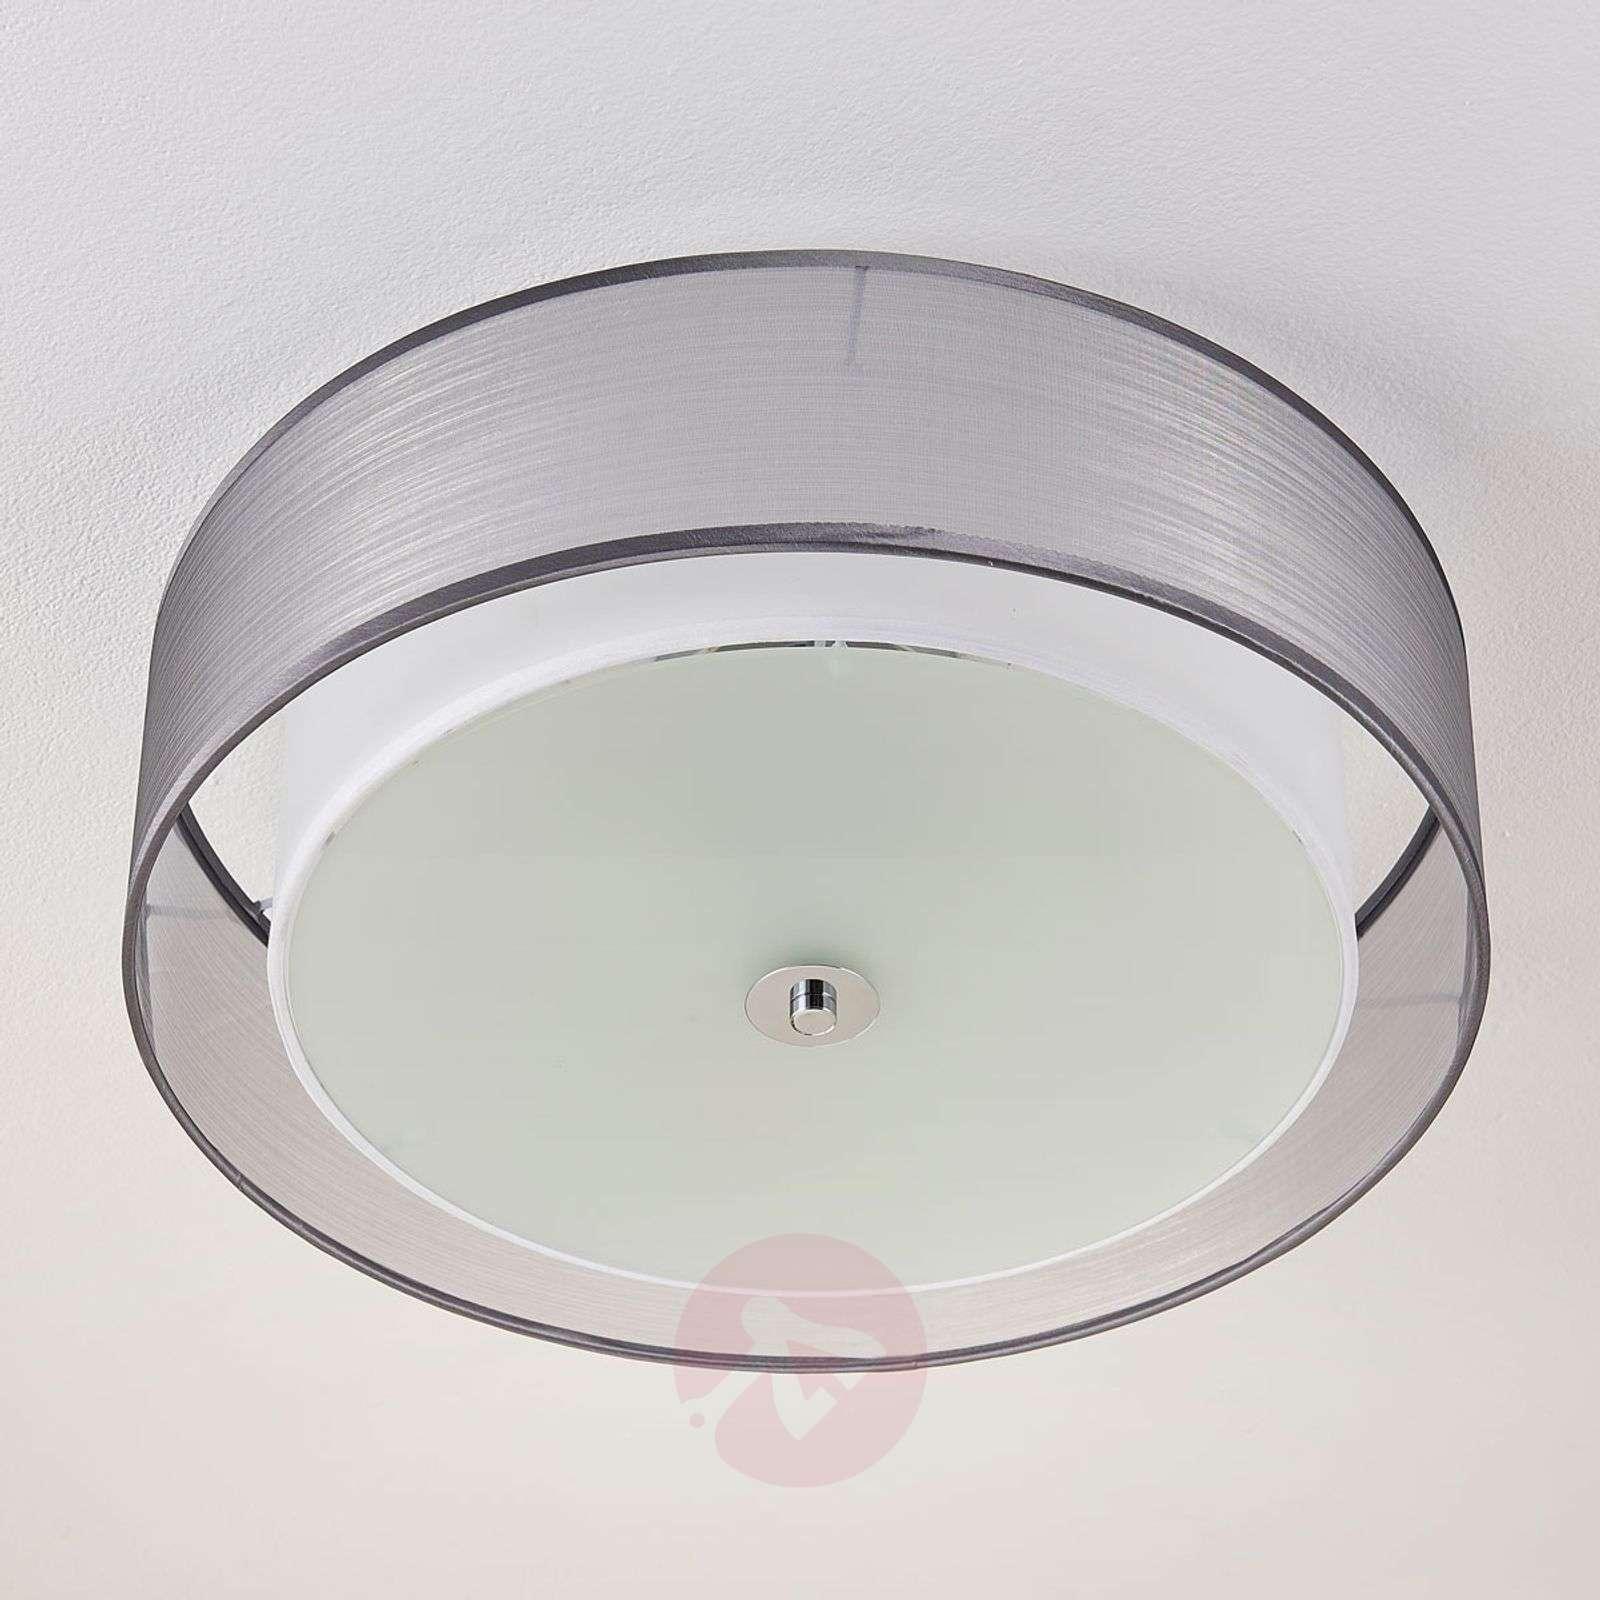 Tobia LED-kattolamppu, katkaisinhimmennys harmaa-9621293-02